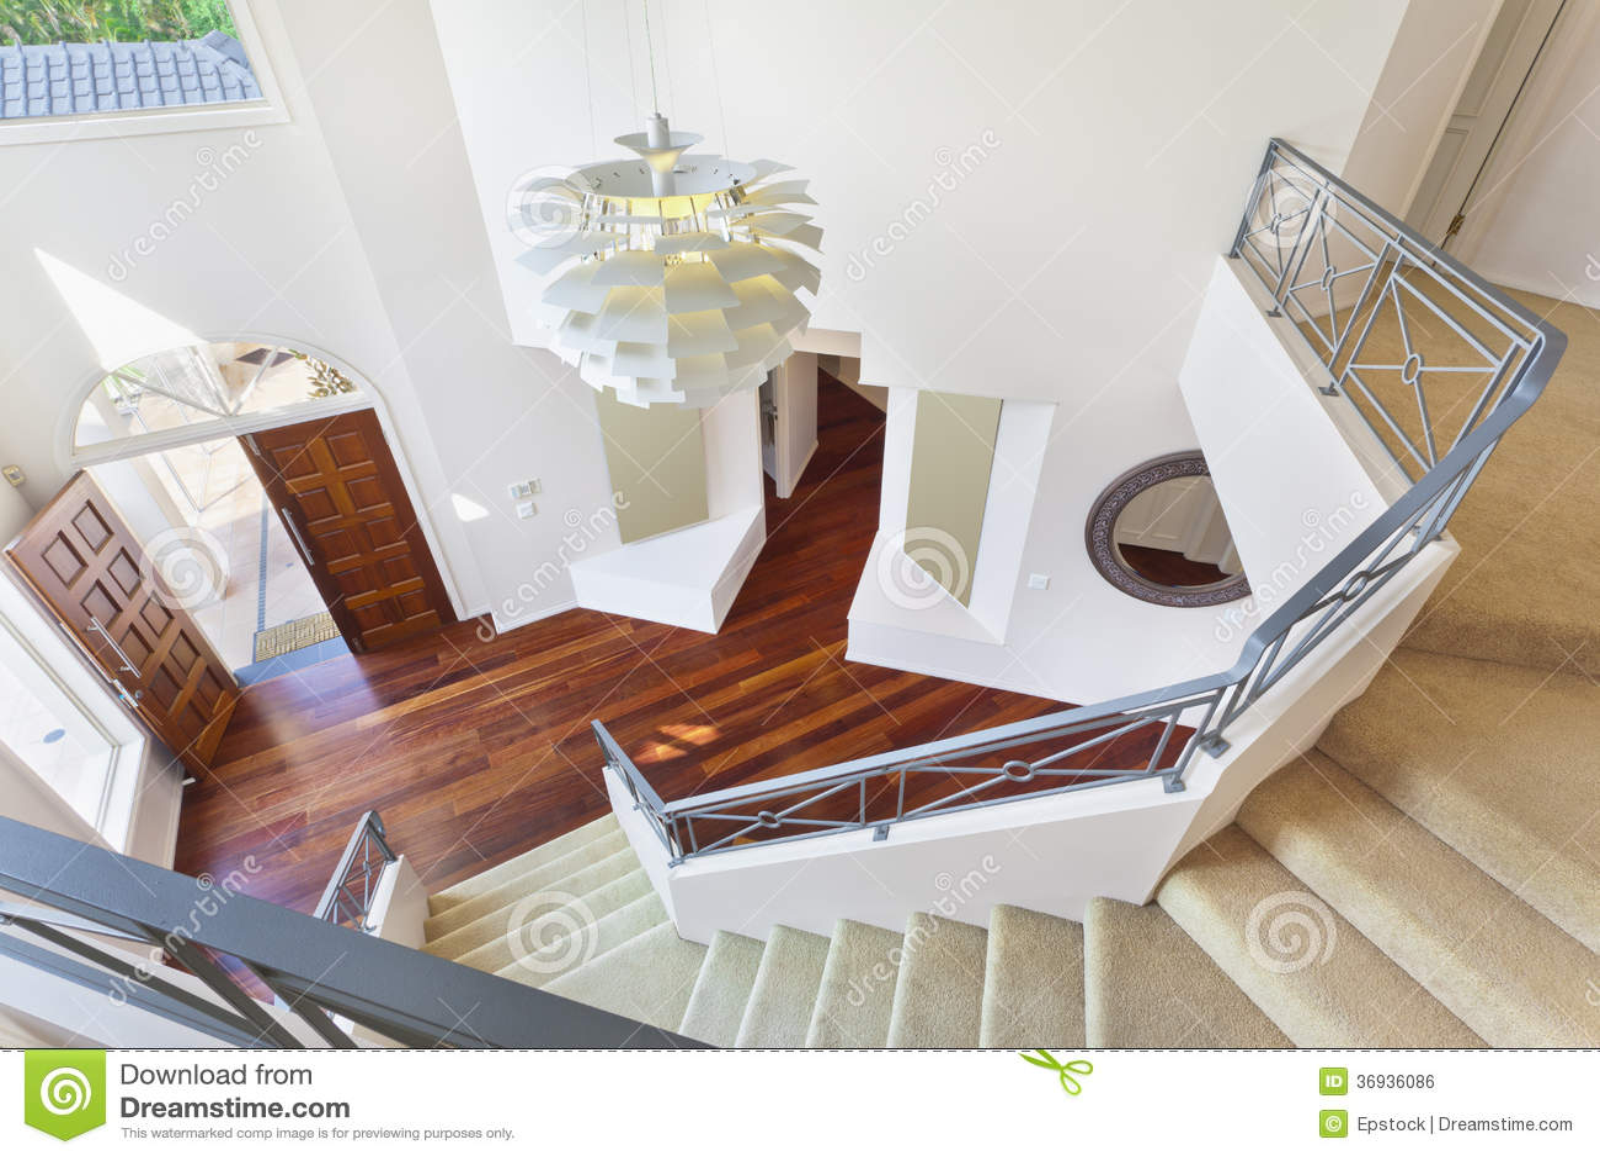 Escalier et entr e la maison australienne moderne image libre de droits i - Escalier entree maison ...